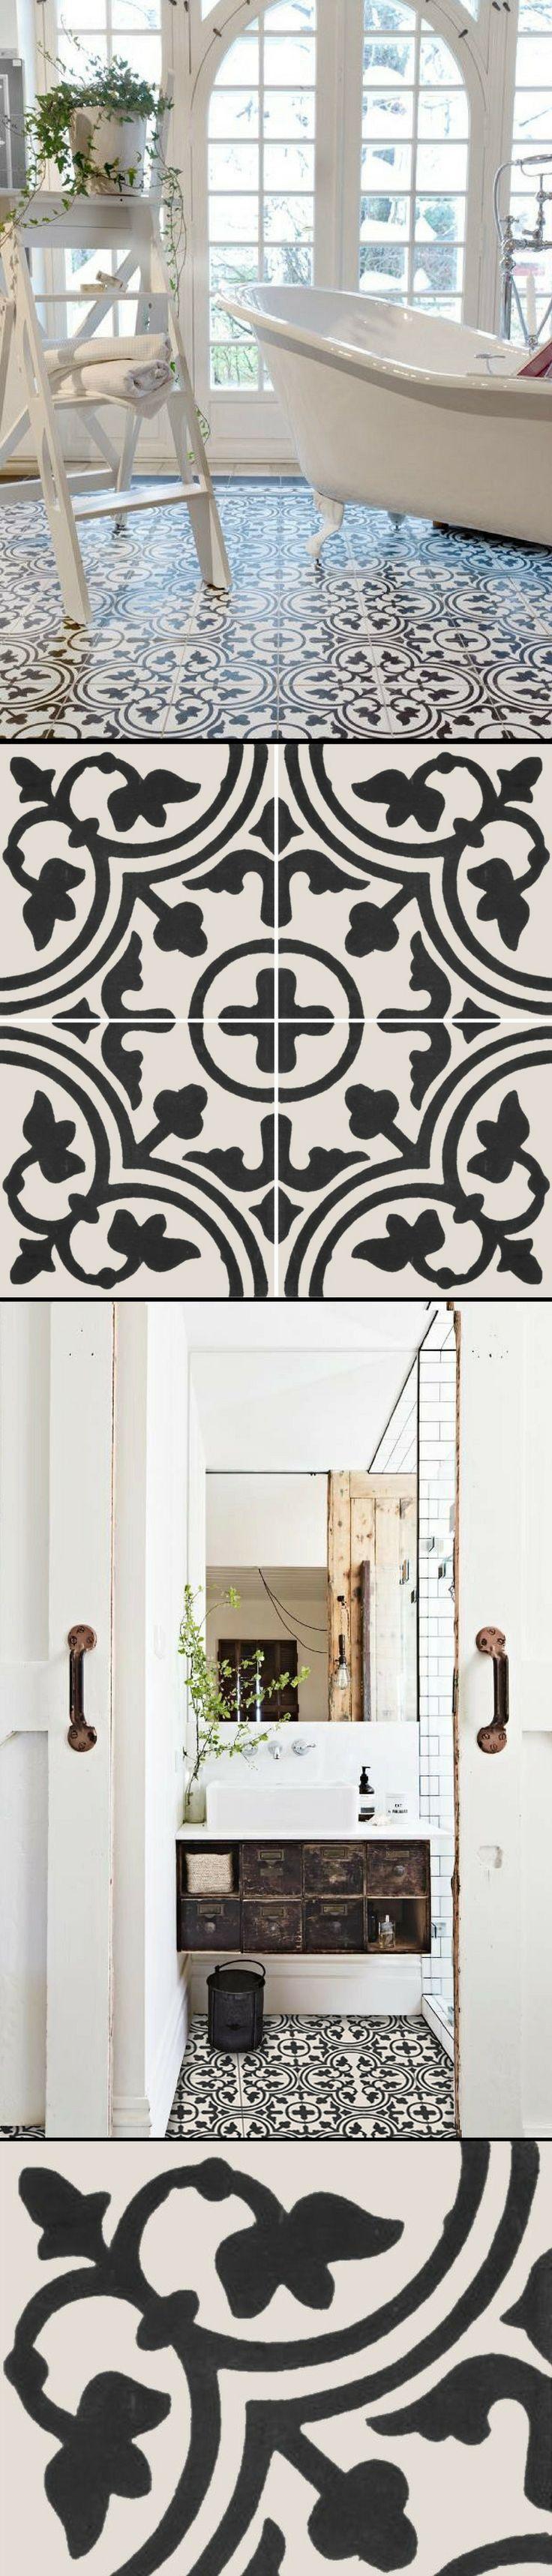 Carrelage adhésif imitation carreaux de ciment pour relooker le sol d'une salle de bain